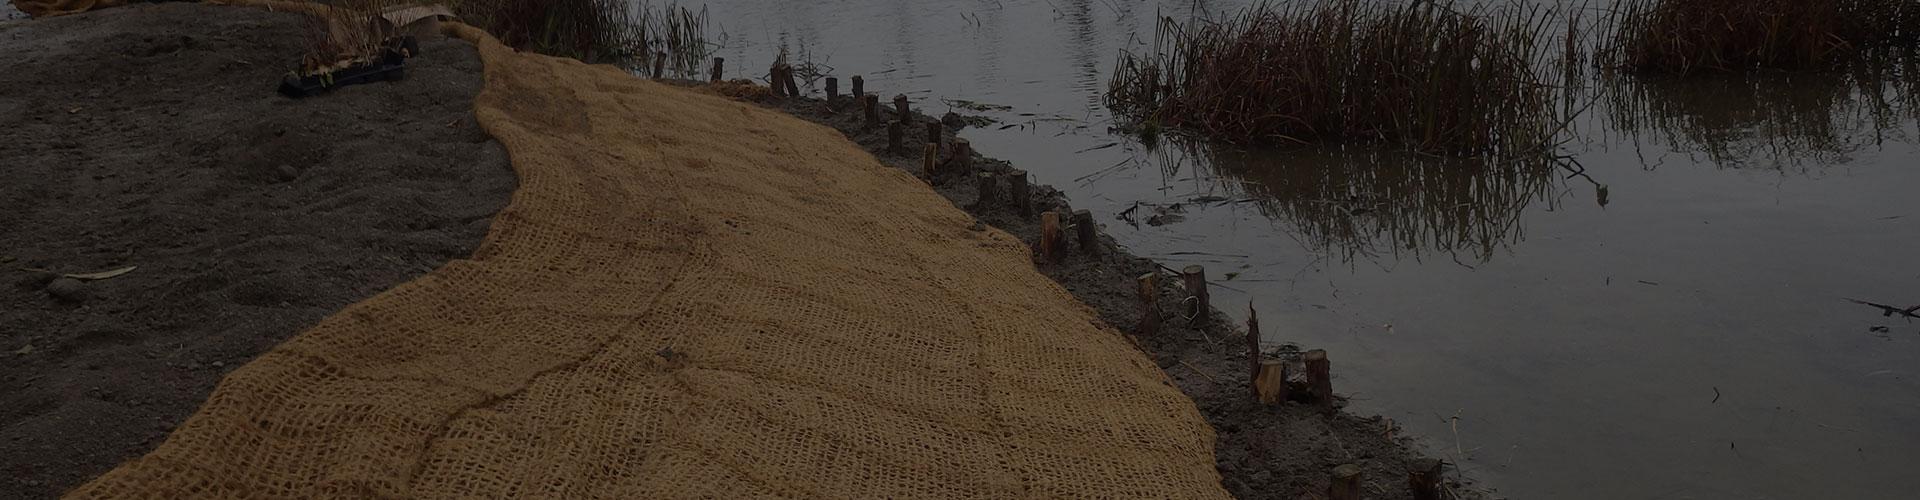 Aménagement du milieu naturel